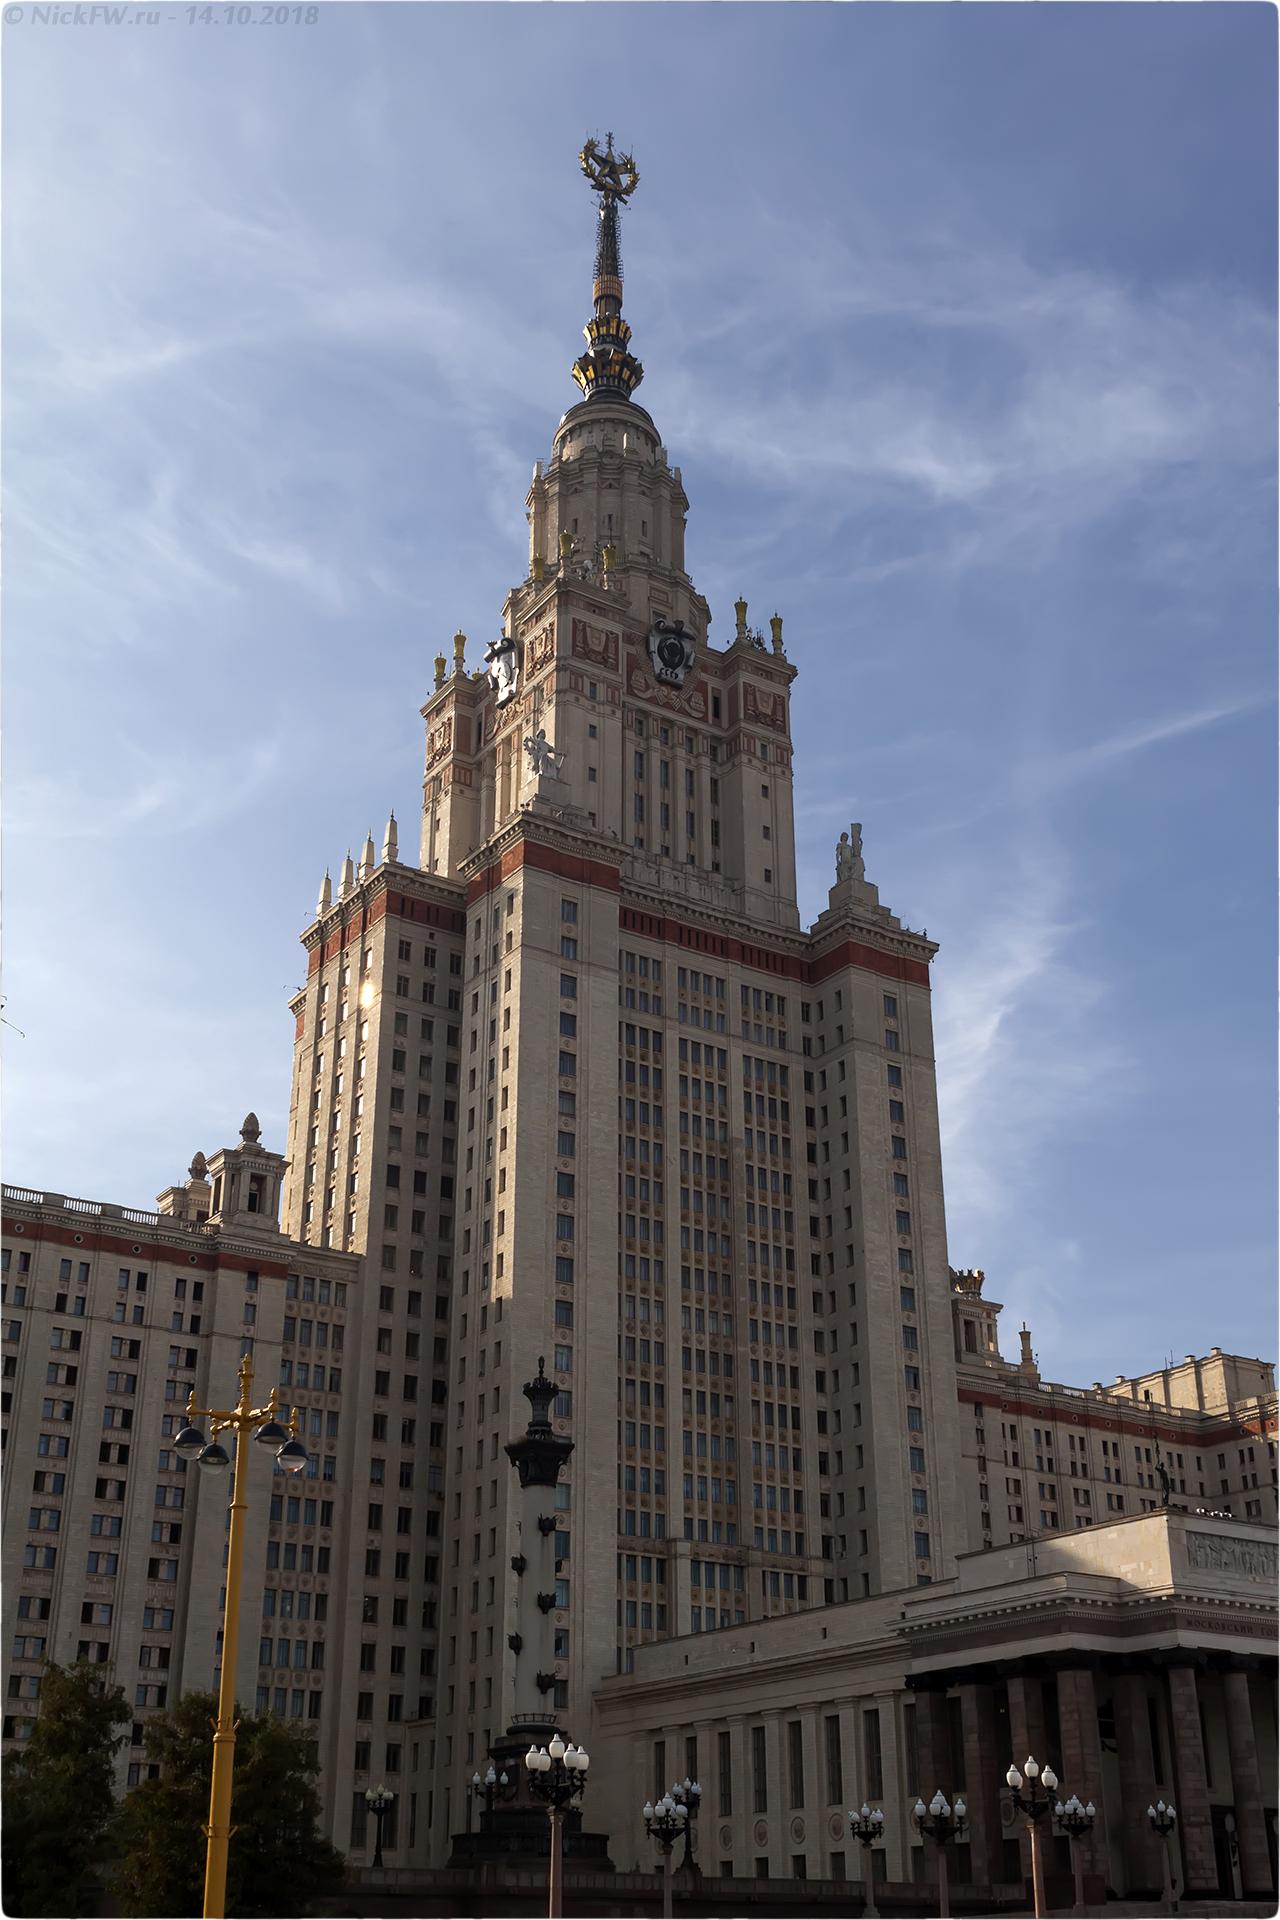 7. Здание МГУ [© NickFW.ru - 14.10.2018г.]